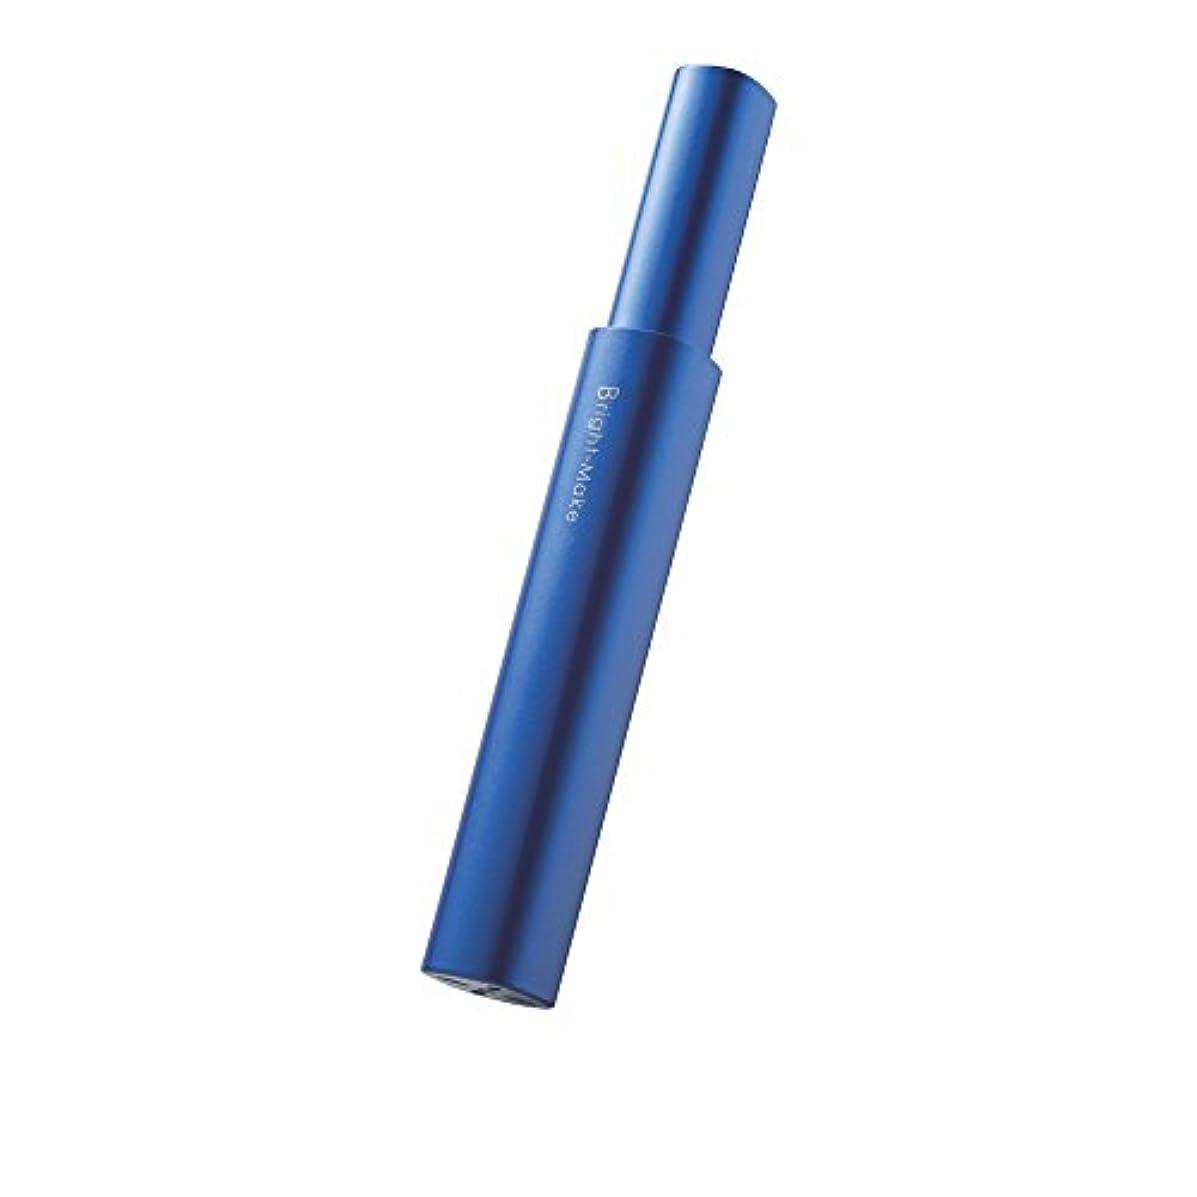 頼るに勝るランデブーオーヴィックス 電動歯ブラシ Bright-Make(ブライトメイク) ネイビー BRM-NV01